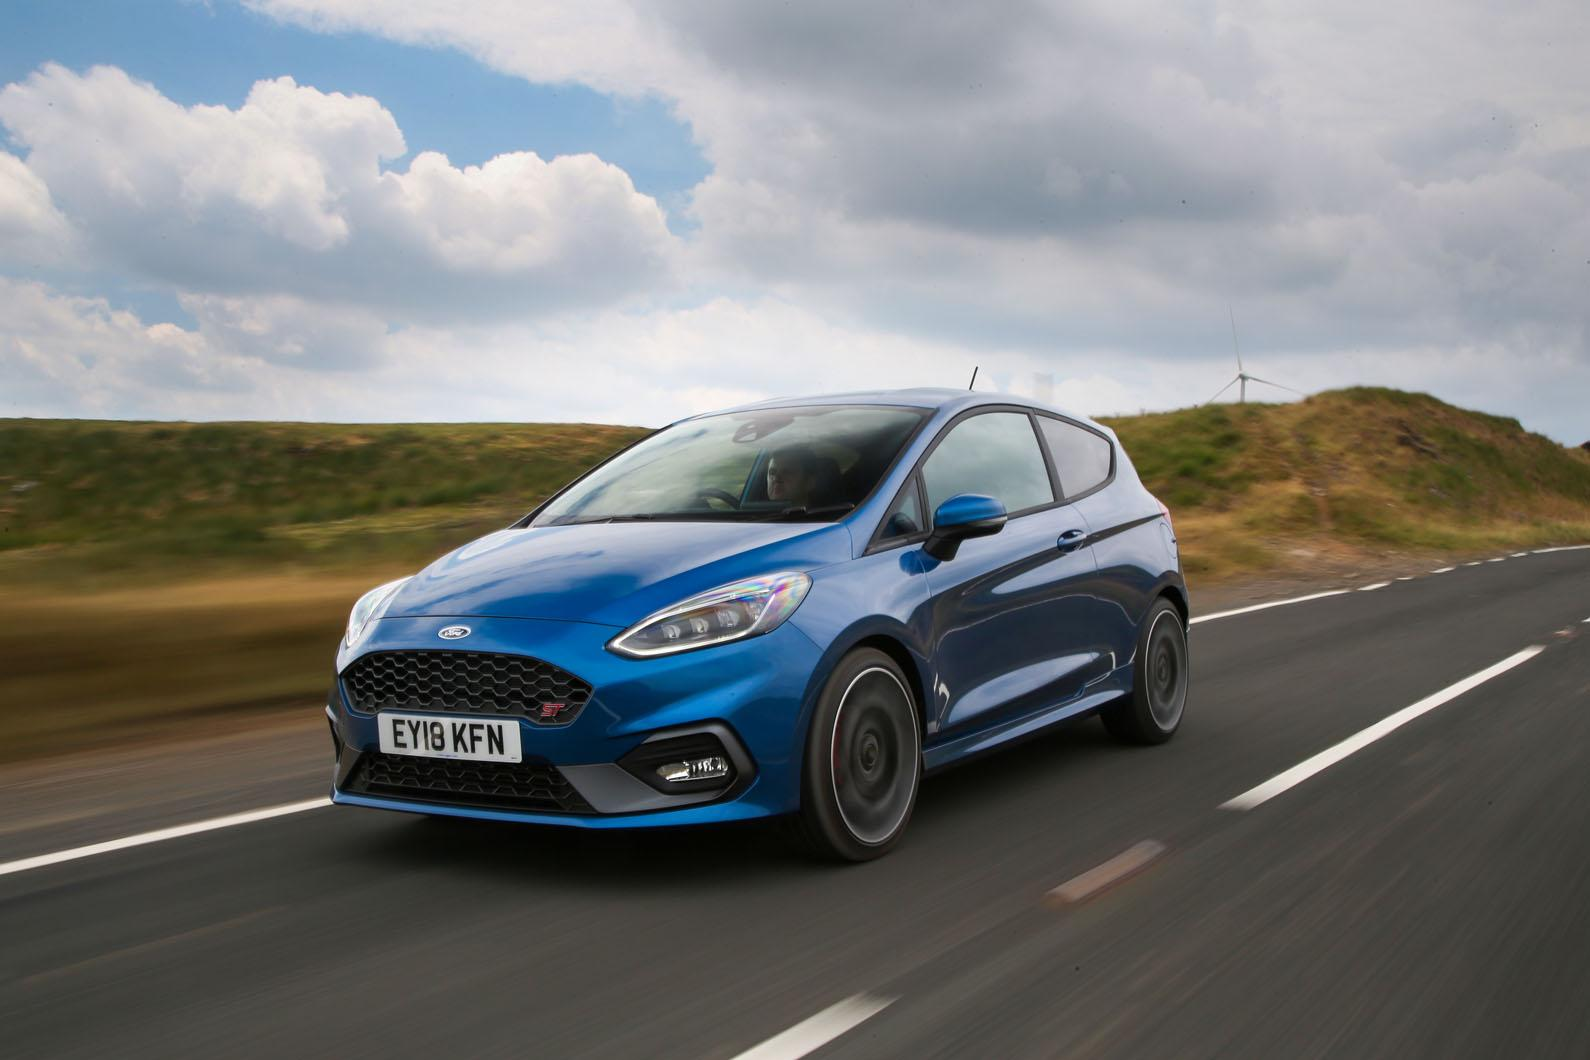 10 mașini noi pe care ți le poți cumpăra cu mai puțin de 15.000 de euro  - Ford Fiesta